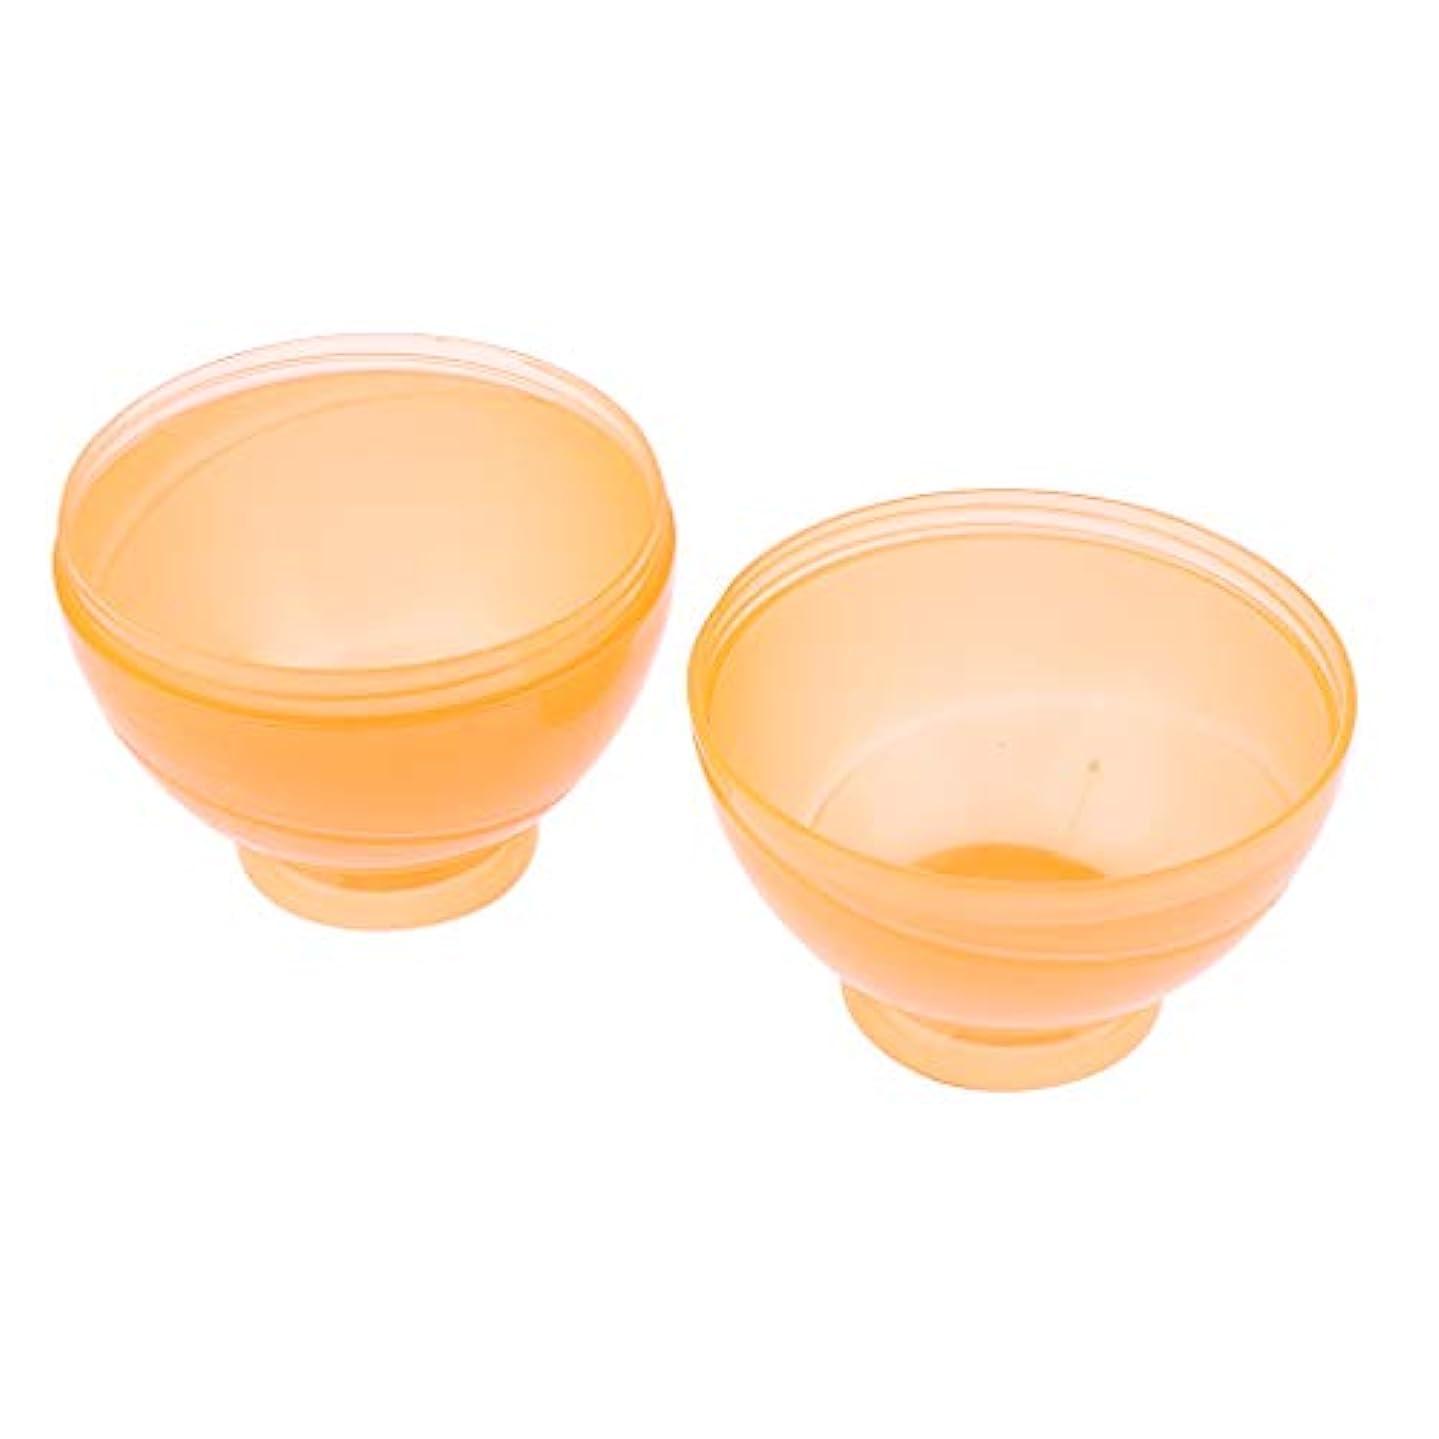 登山家慢性的近傍ヘアカラー ミキシングボトル プロ ヘアサロン DIY サロンツール 3色選べ - オレンジ